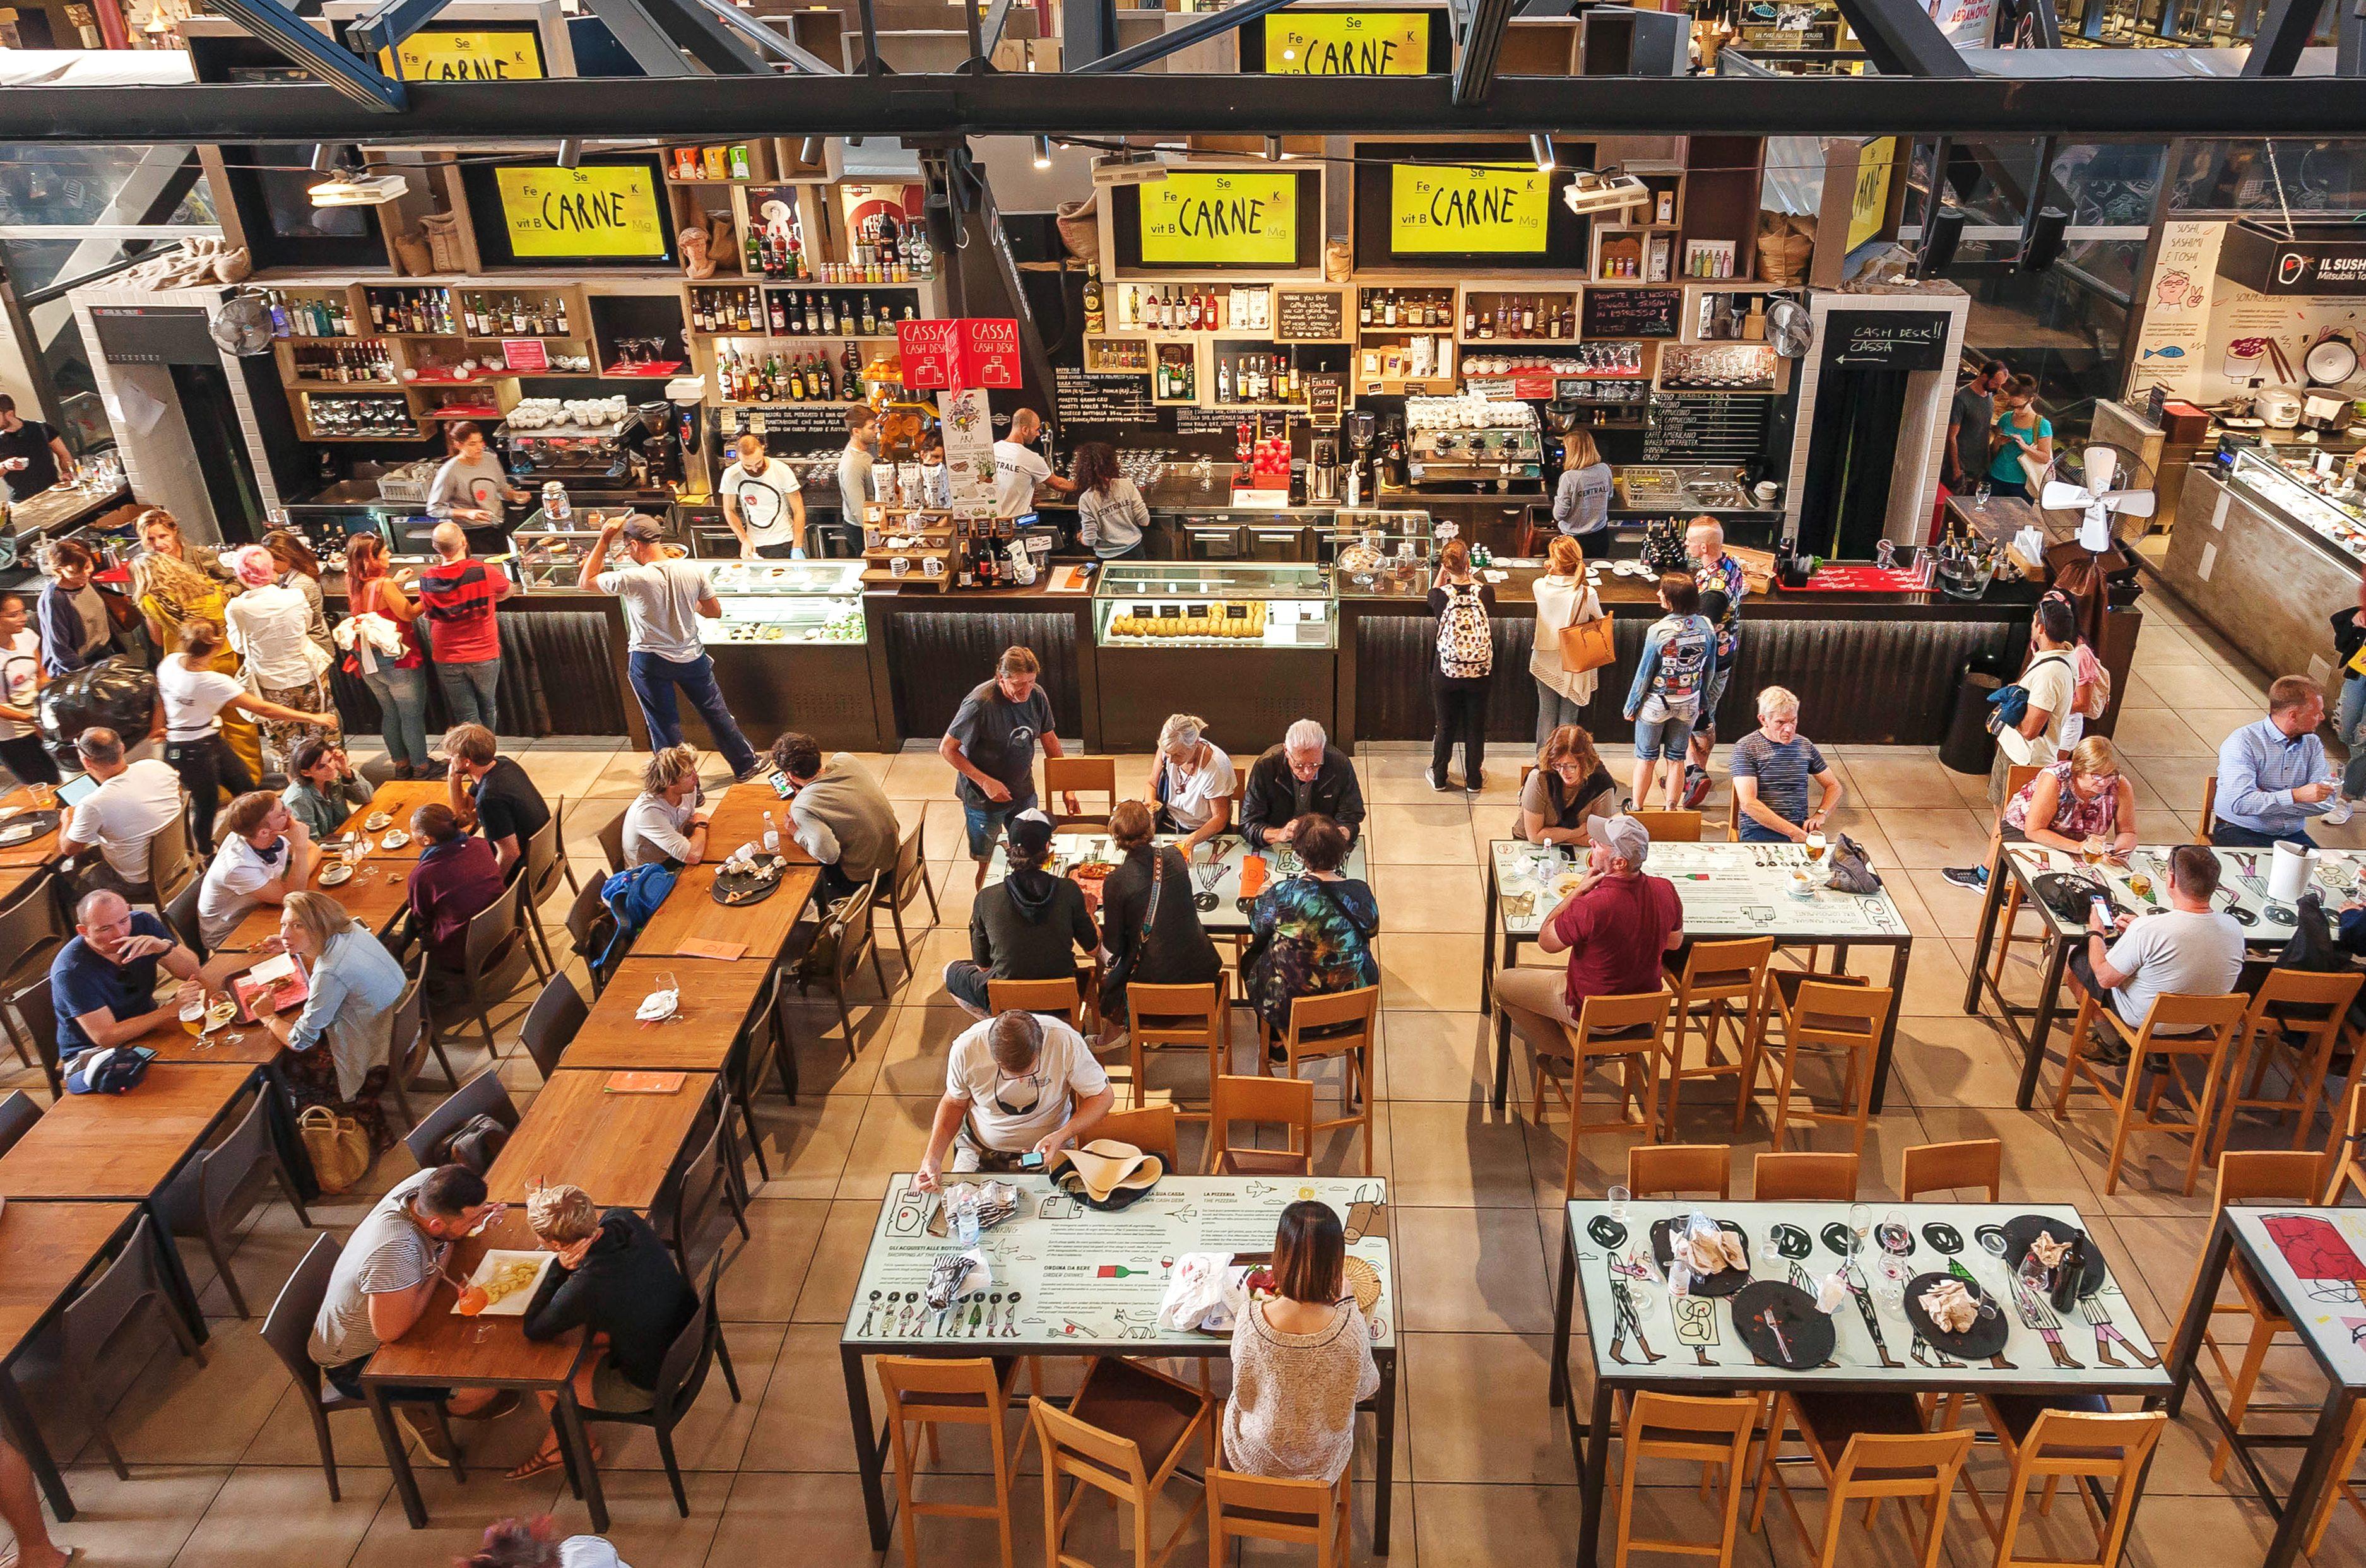 Mercati metropolitani: dove cibo e cultura riescono a dialogare